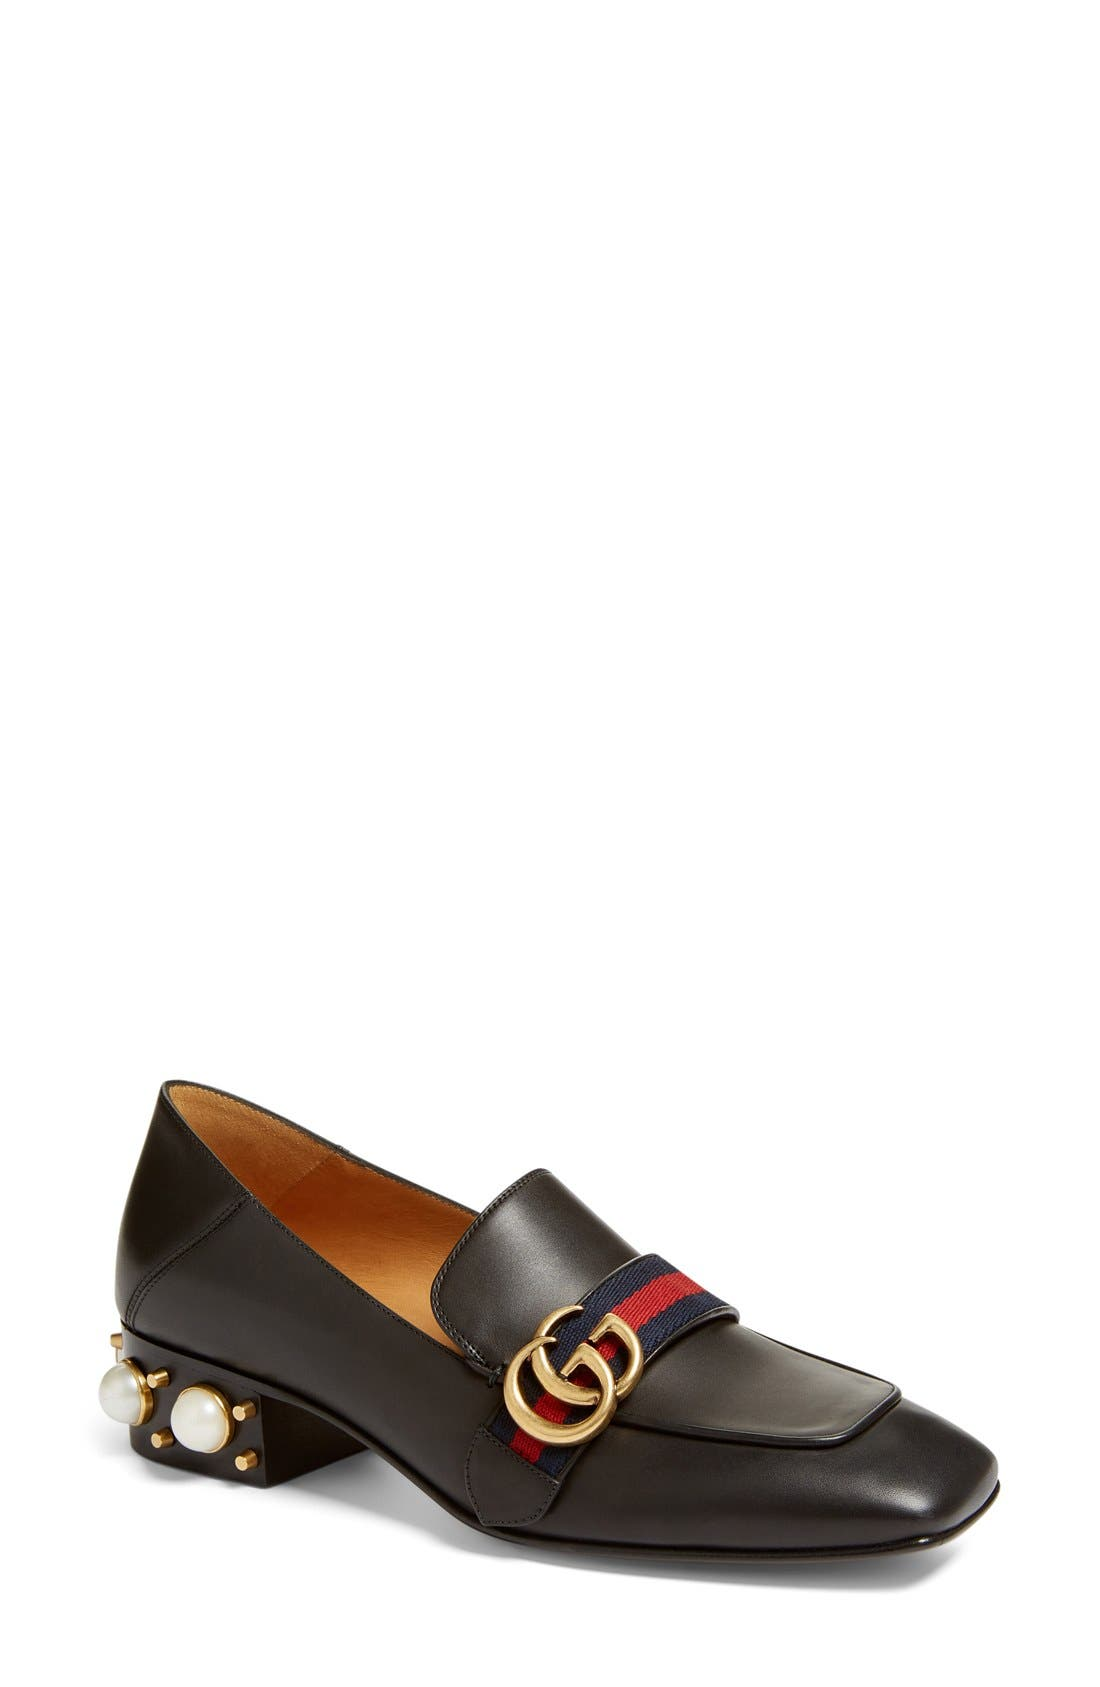 Peyton Embellished Heel Loafer,                         Main,                         color, Black Leather